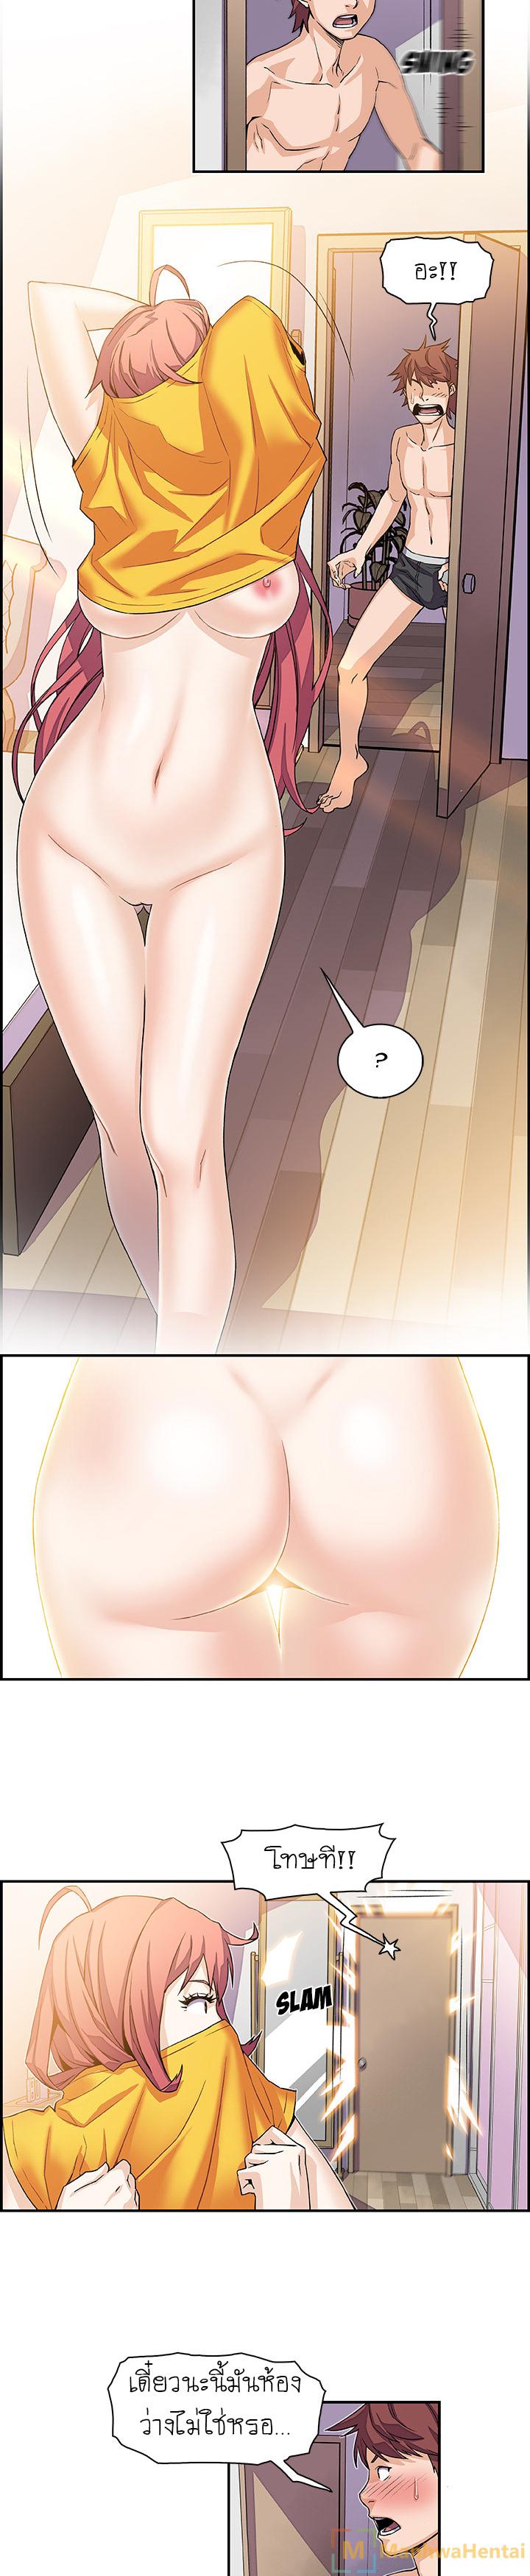 ภาวะแทรกซ้อน 5 ภาพ 8